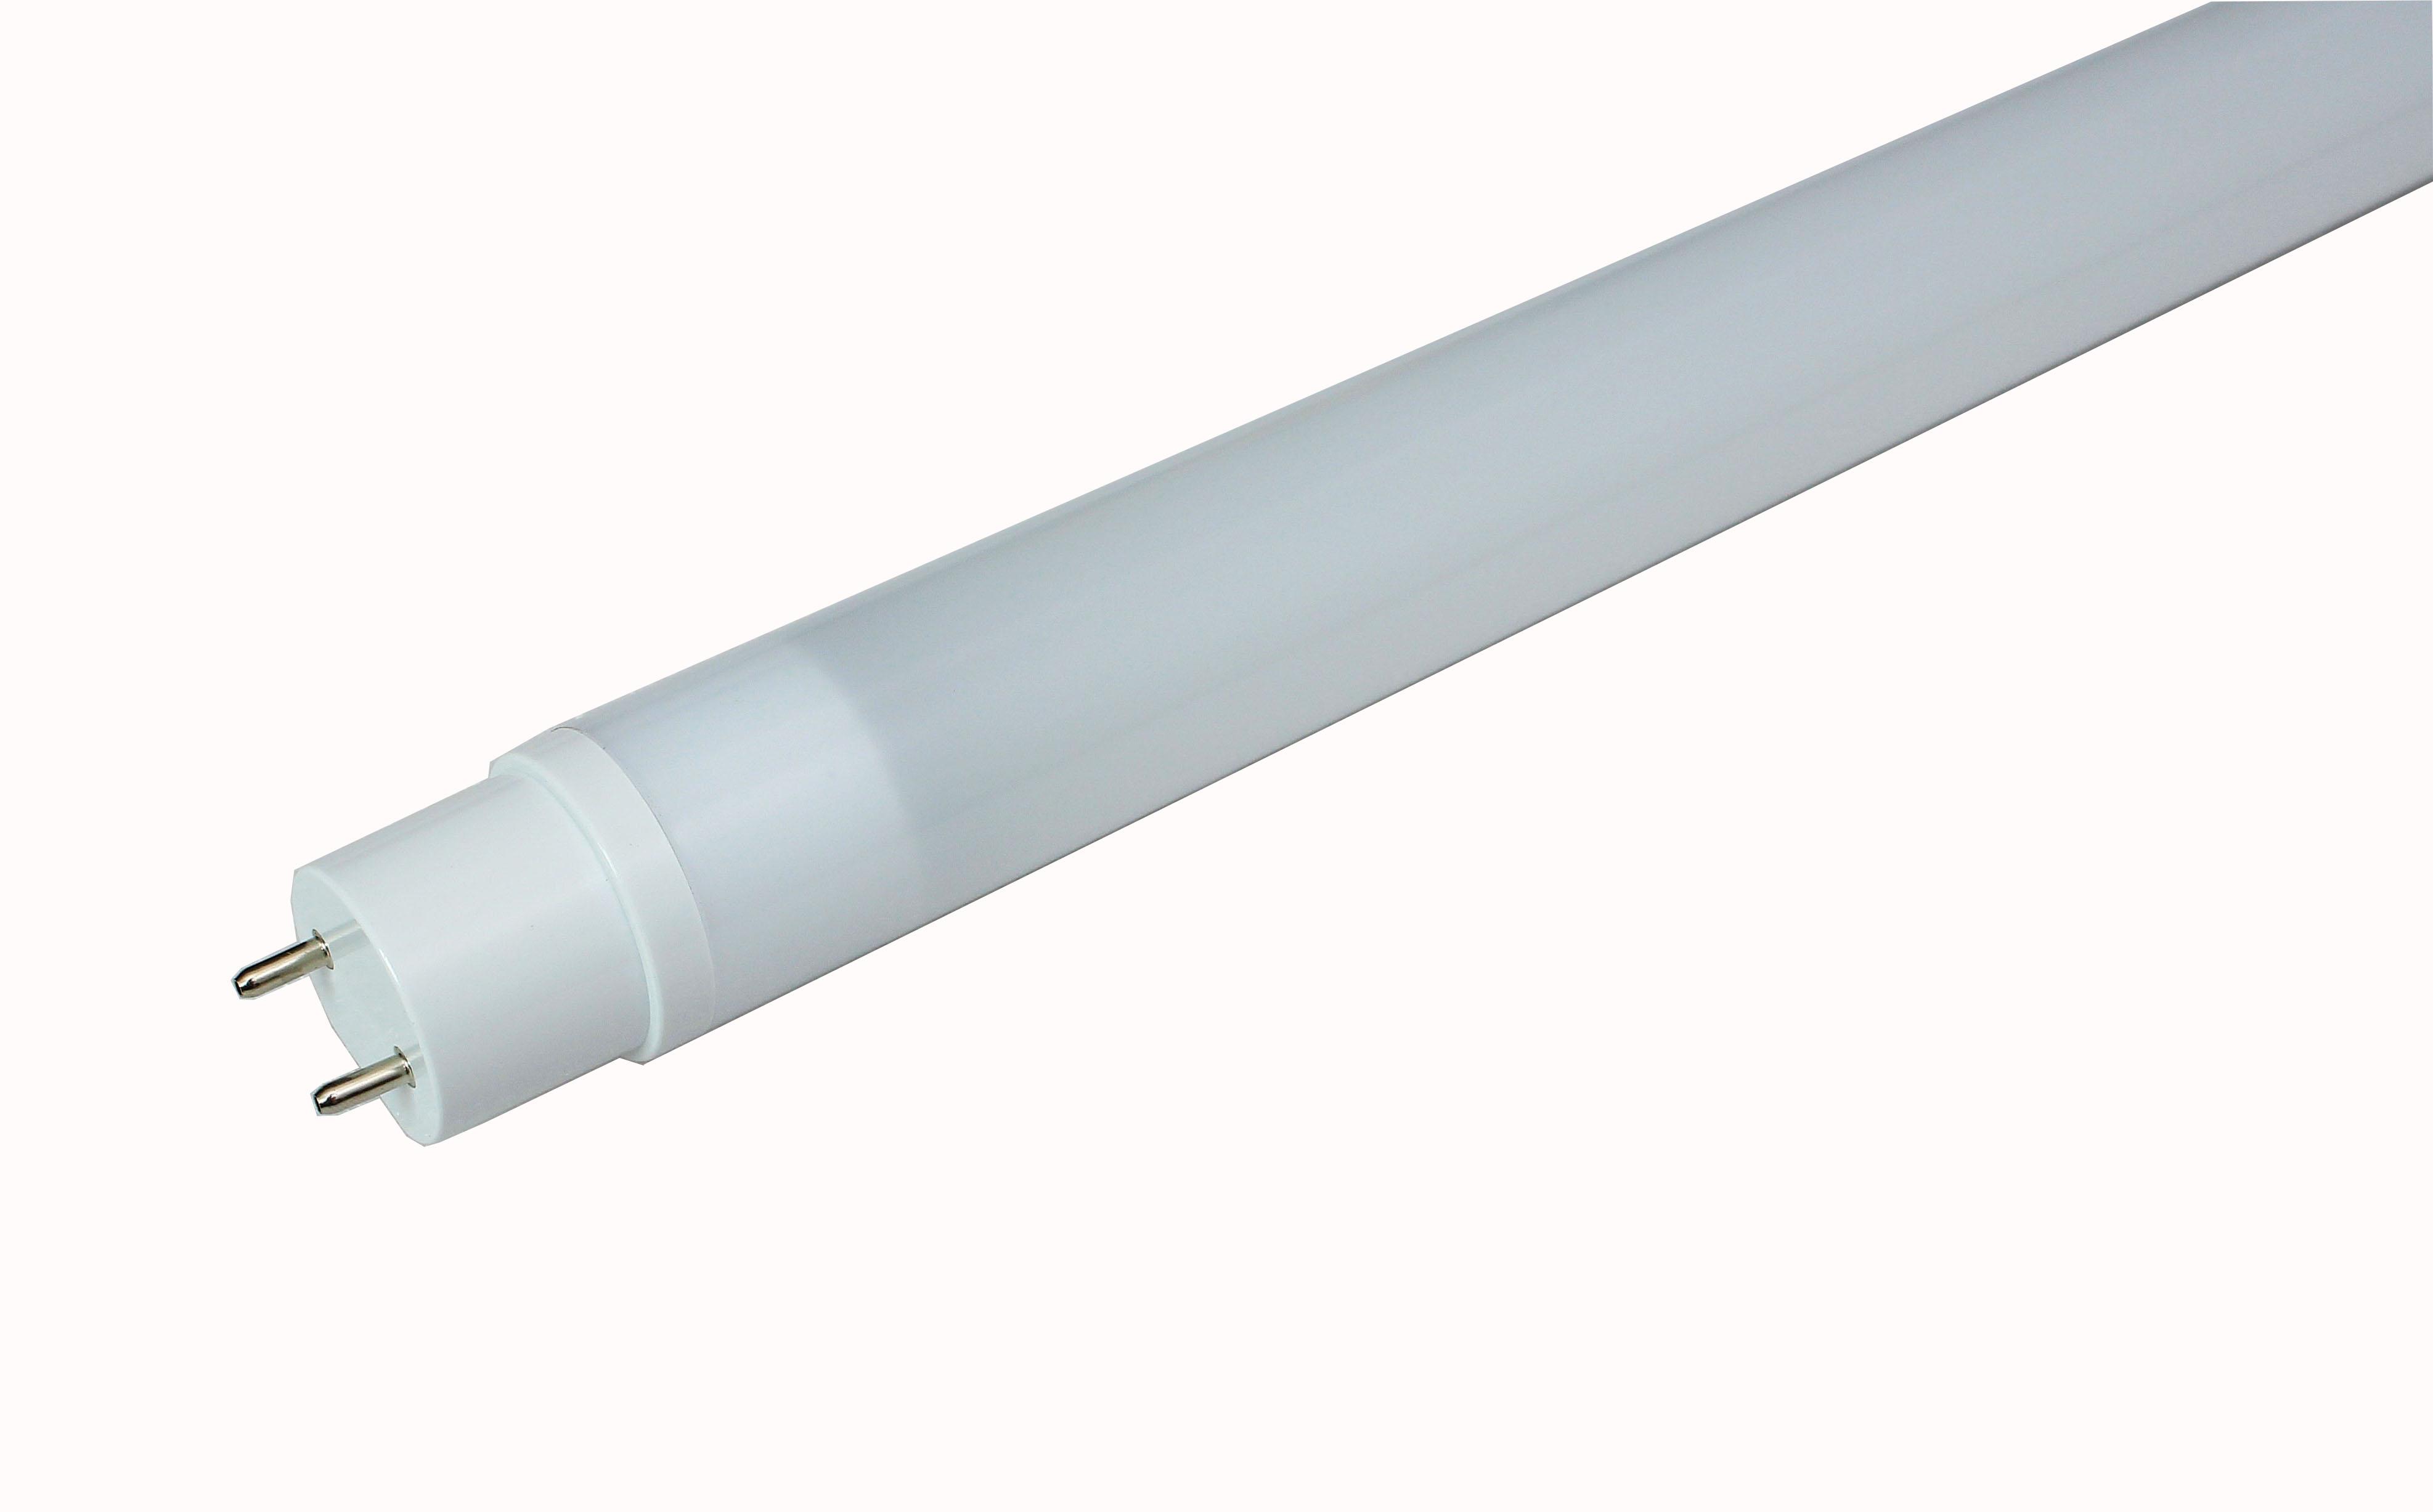 T8 LED Tube light Nano PC 9W 18W 22W SMD2835 48/96/120pcs LED Lamp 0.6M 1.2M 1.5M